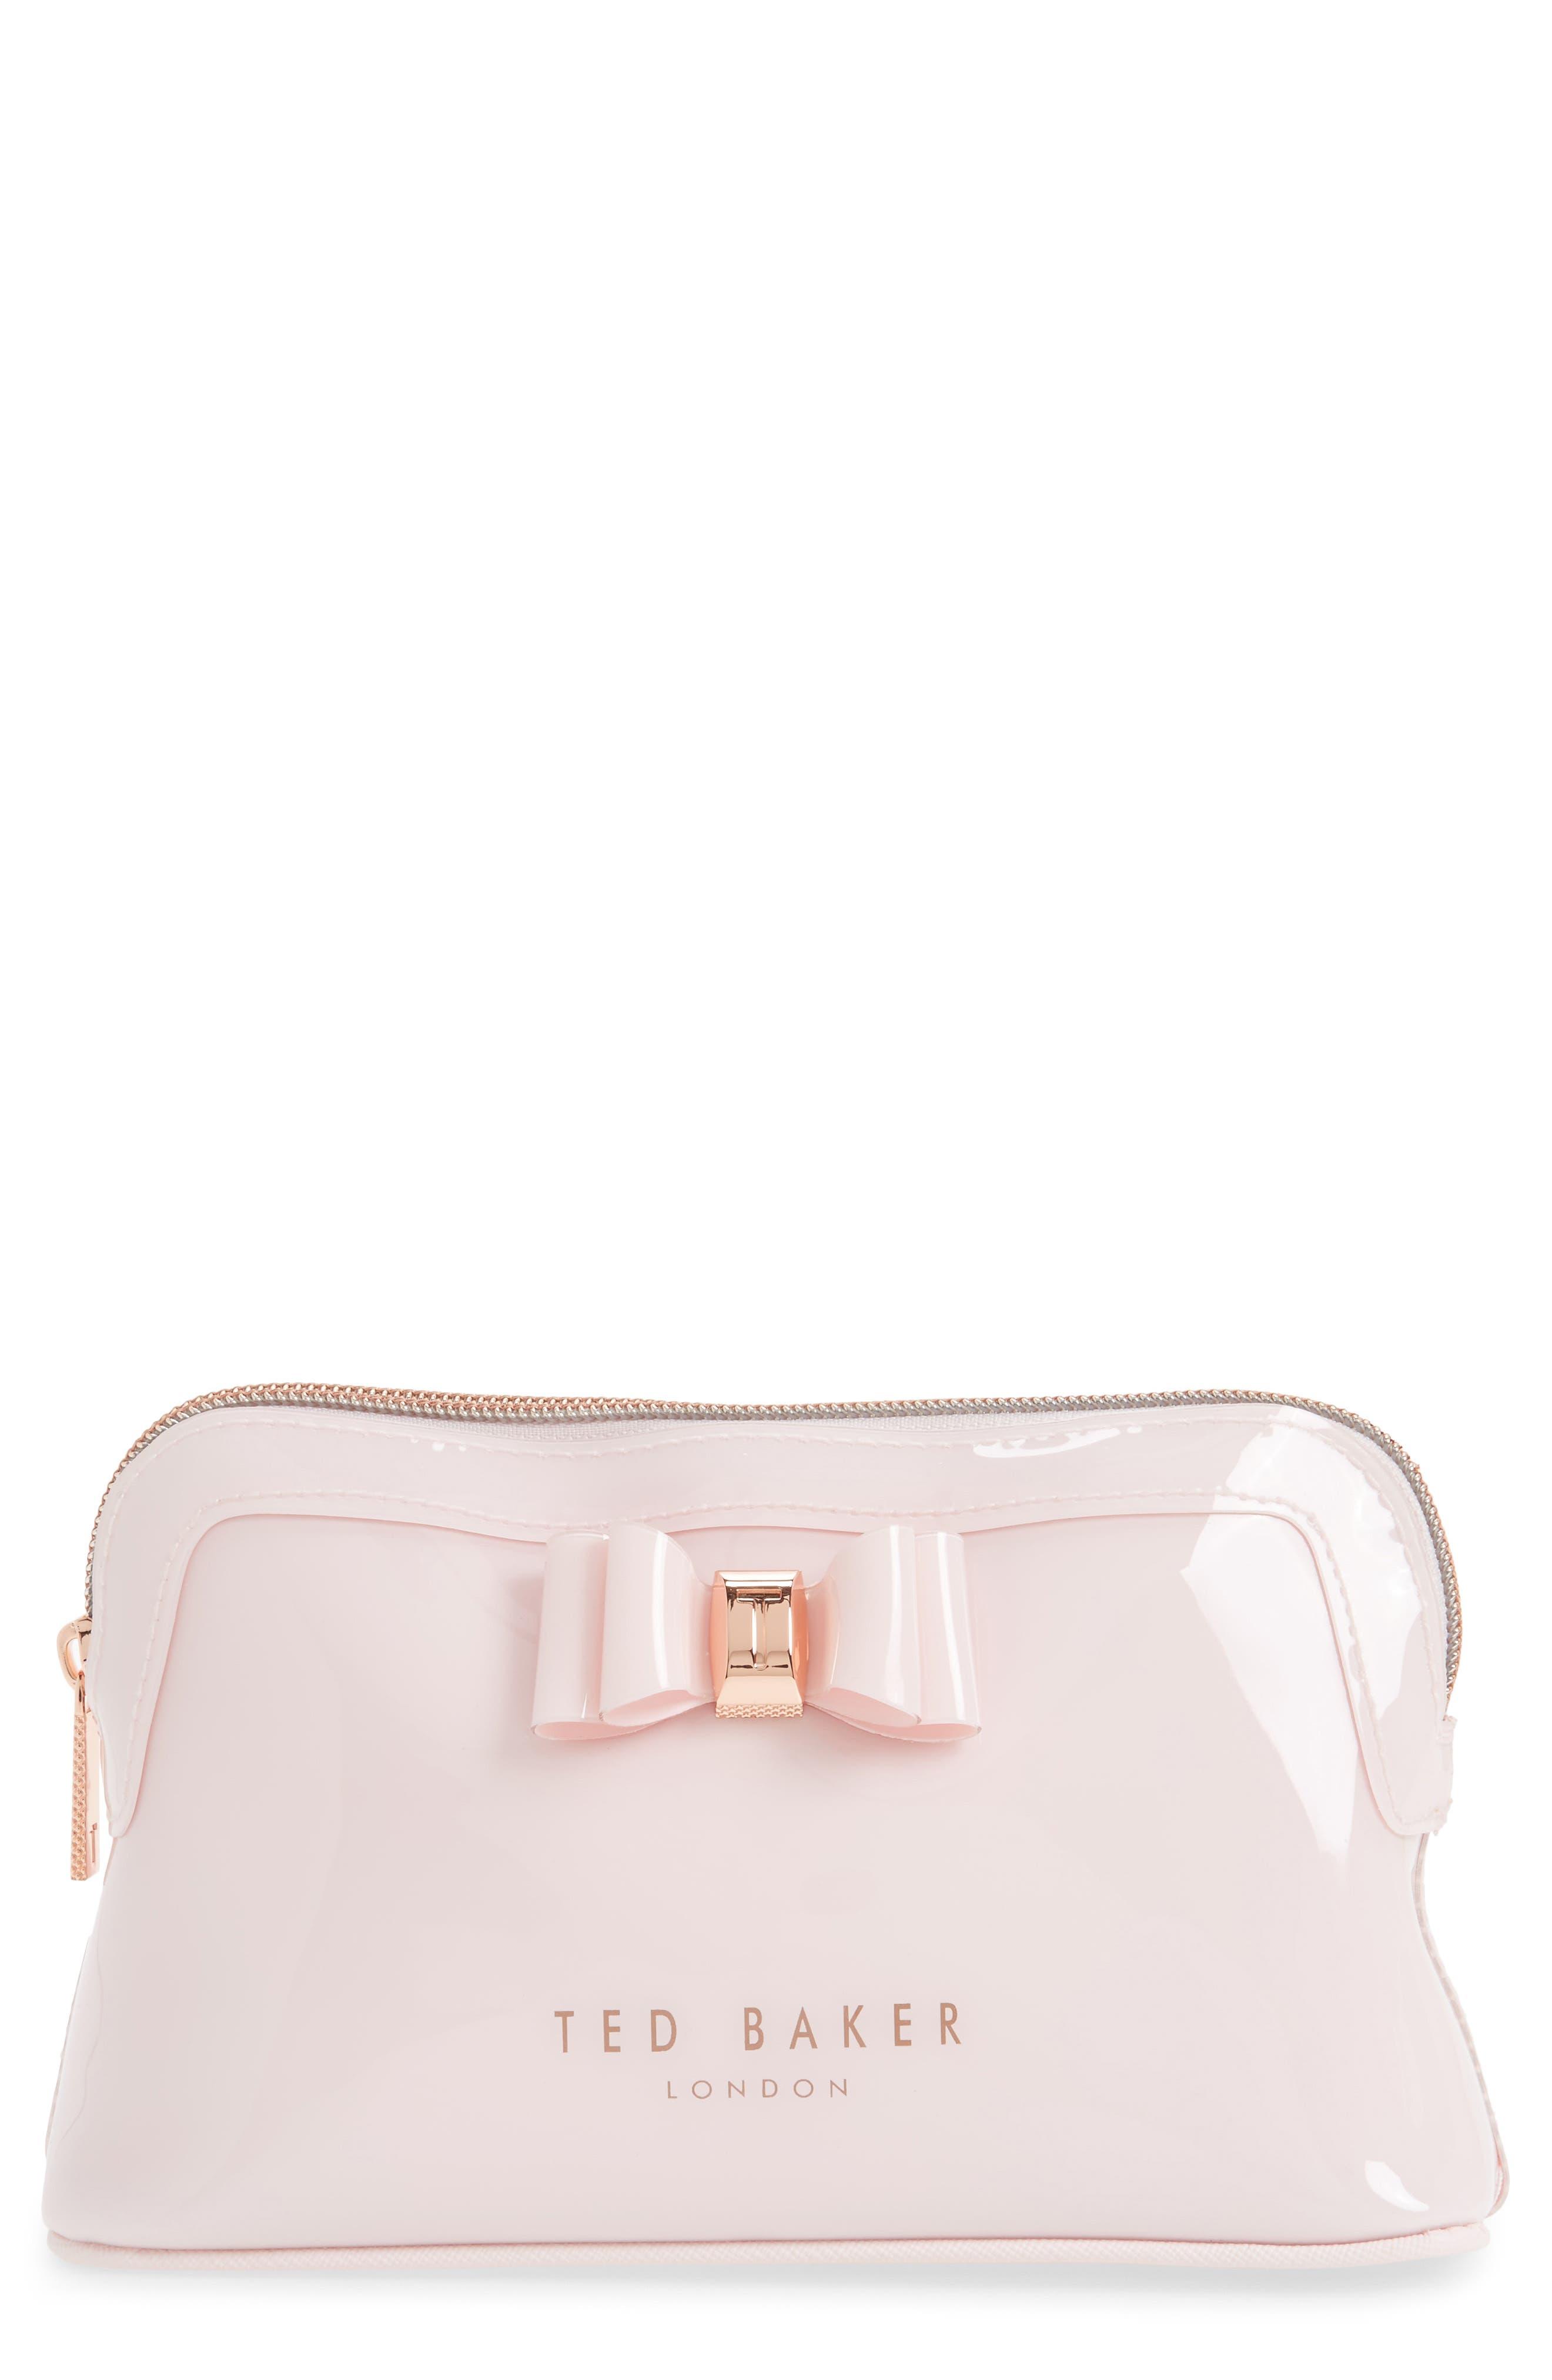 Julis Bow PVC Cosmetics Case,                         Main,                         color, Dusky Pink